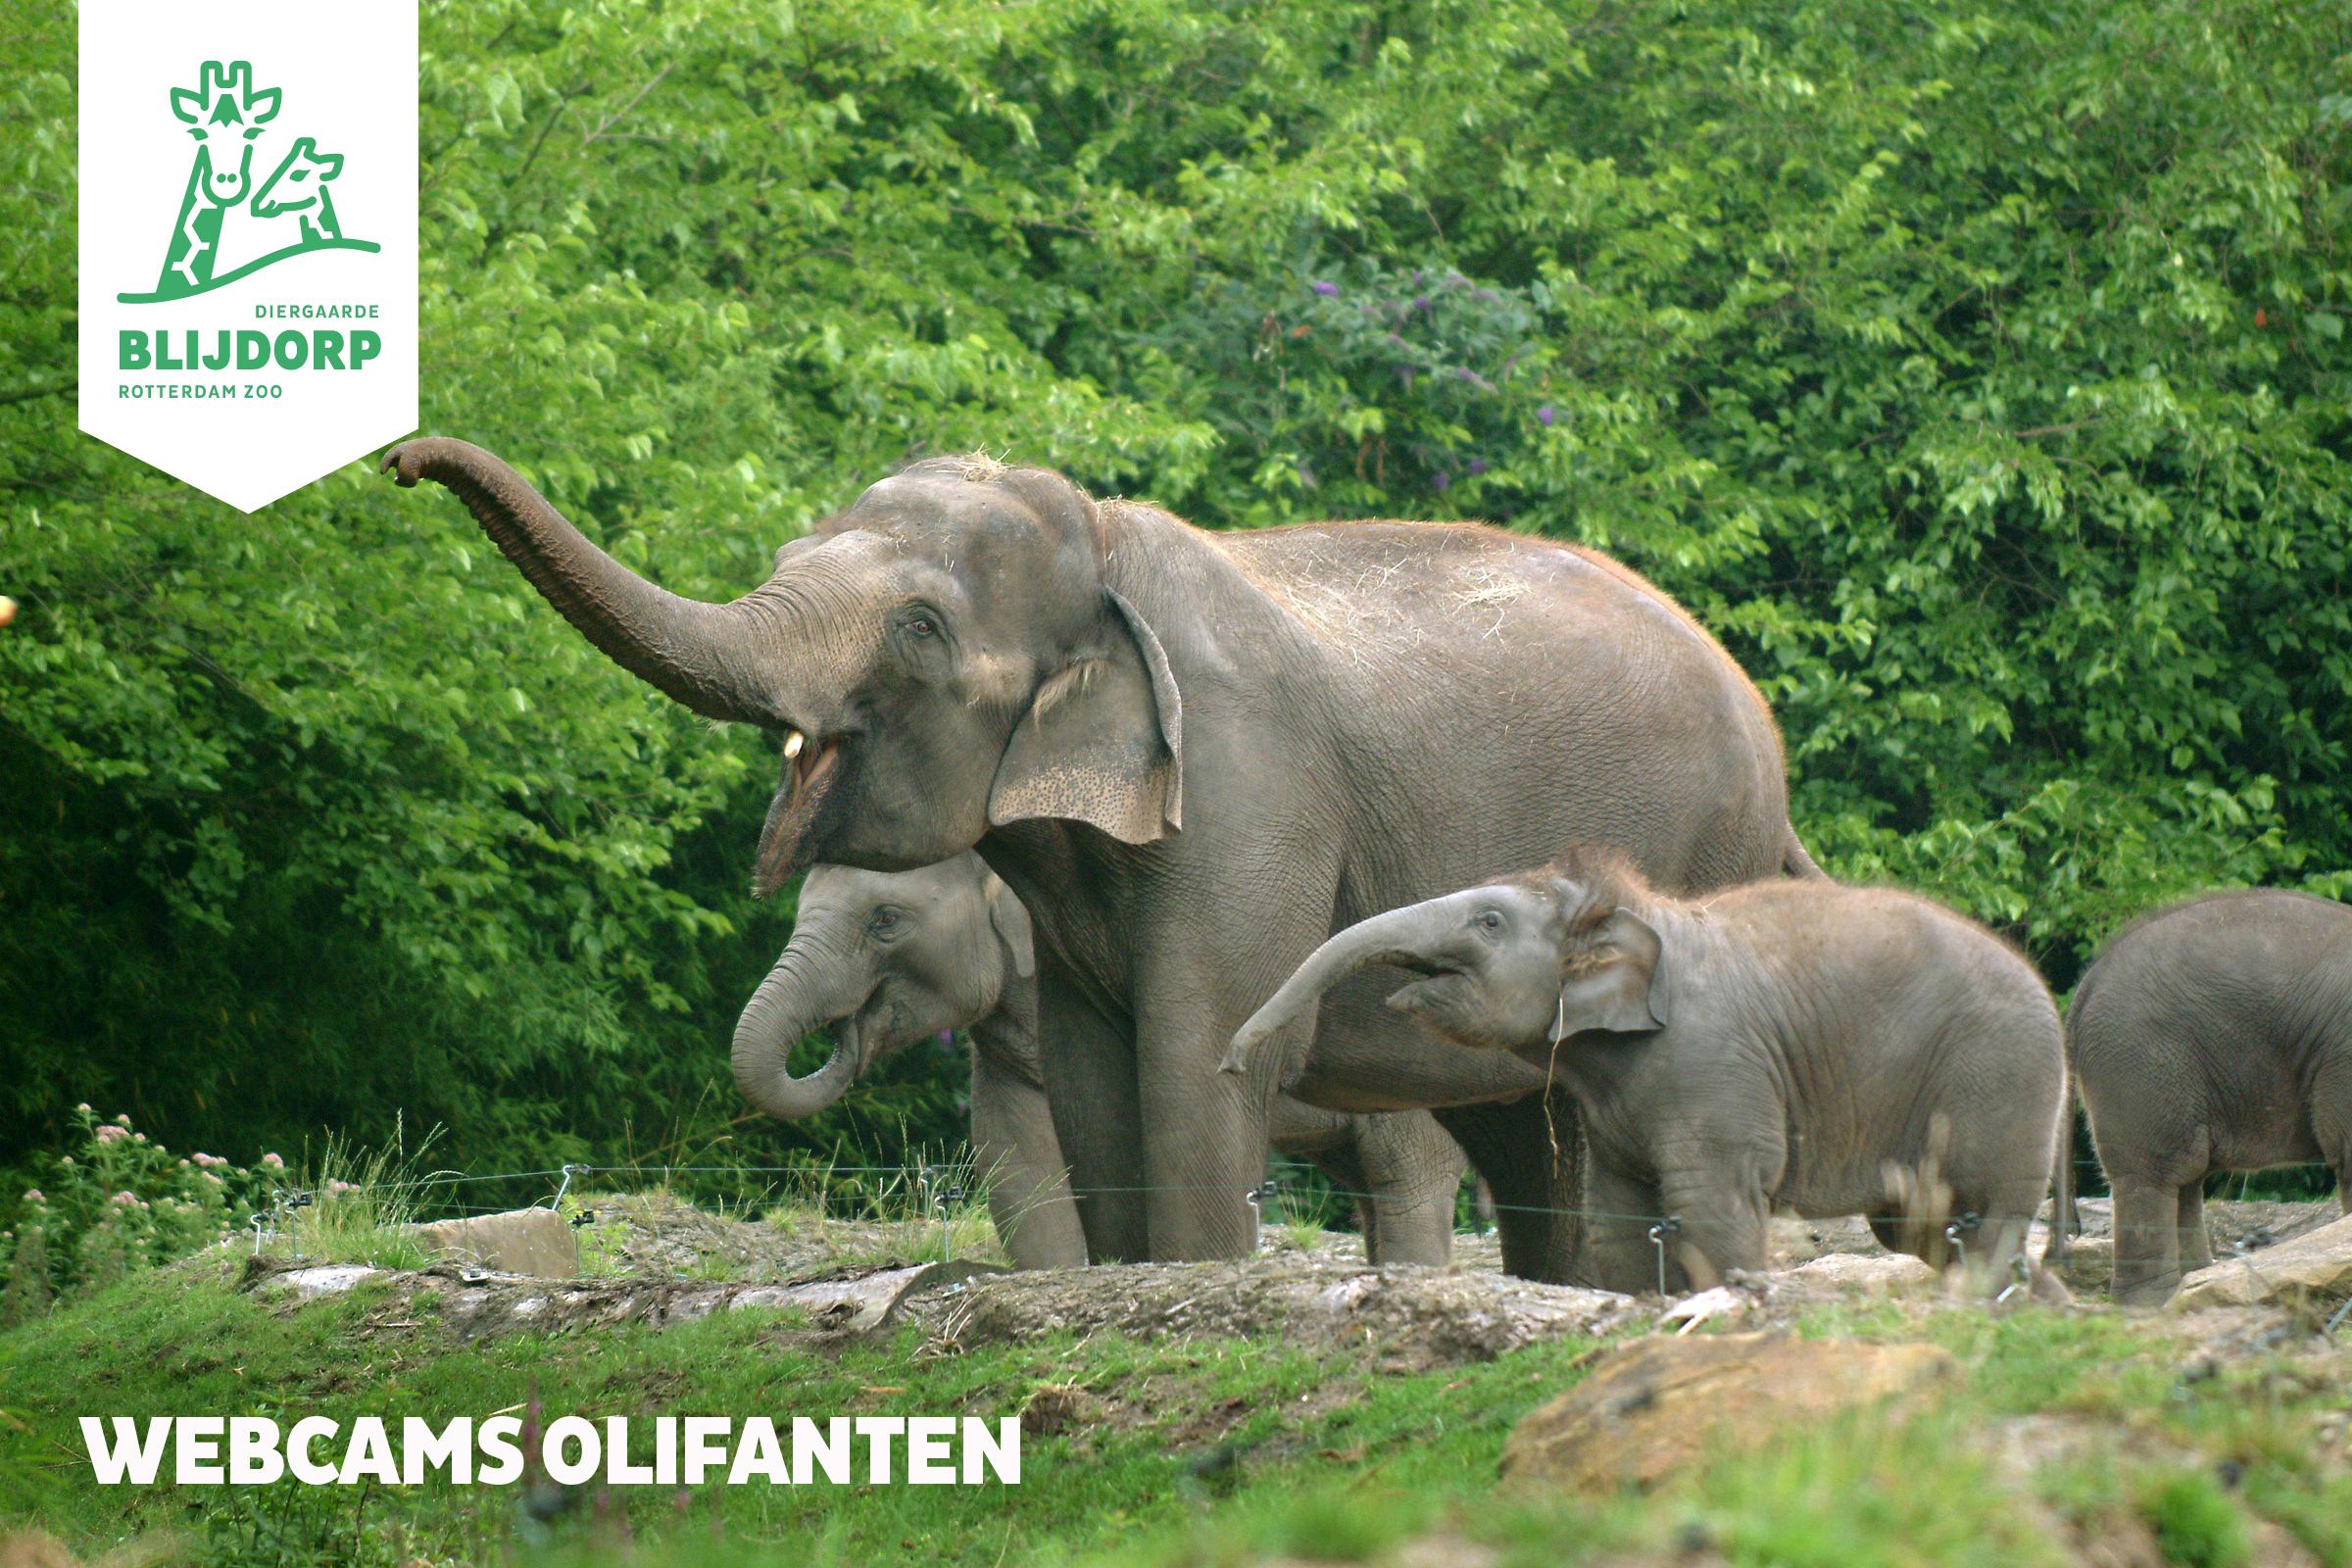 hoeveel kilo eet een olifant